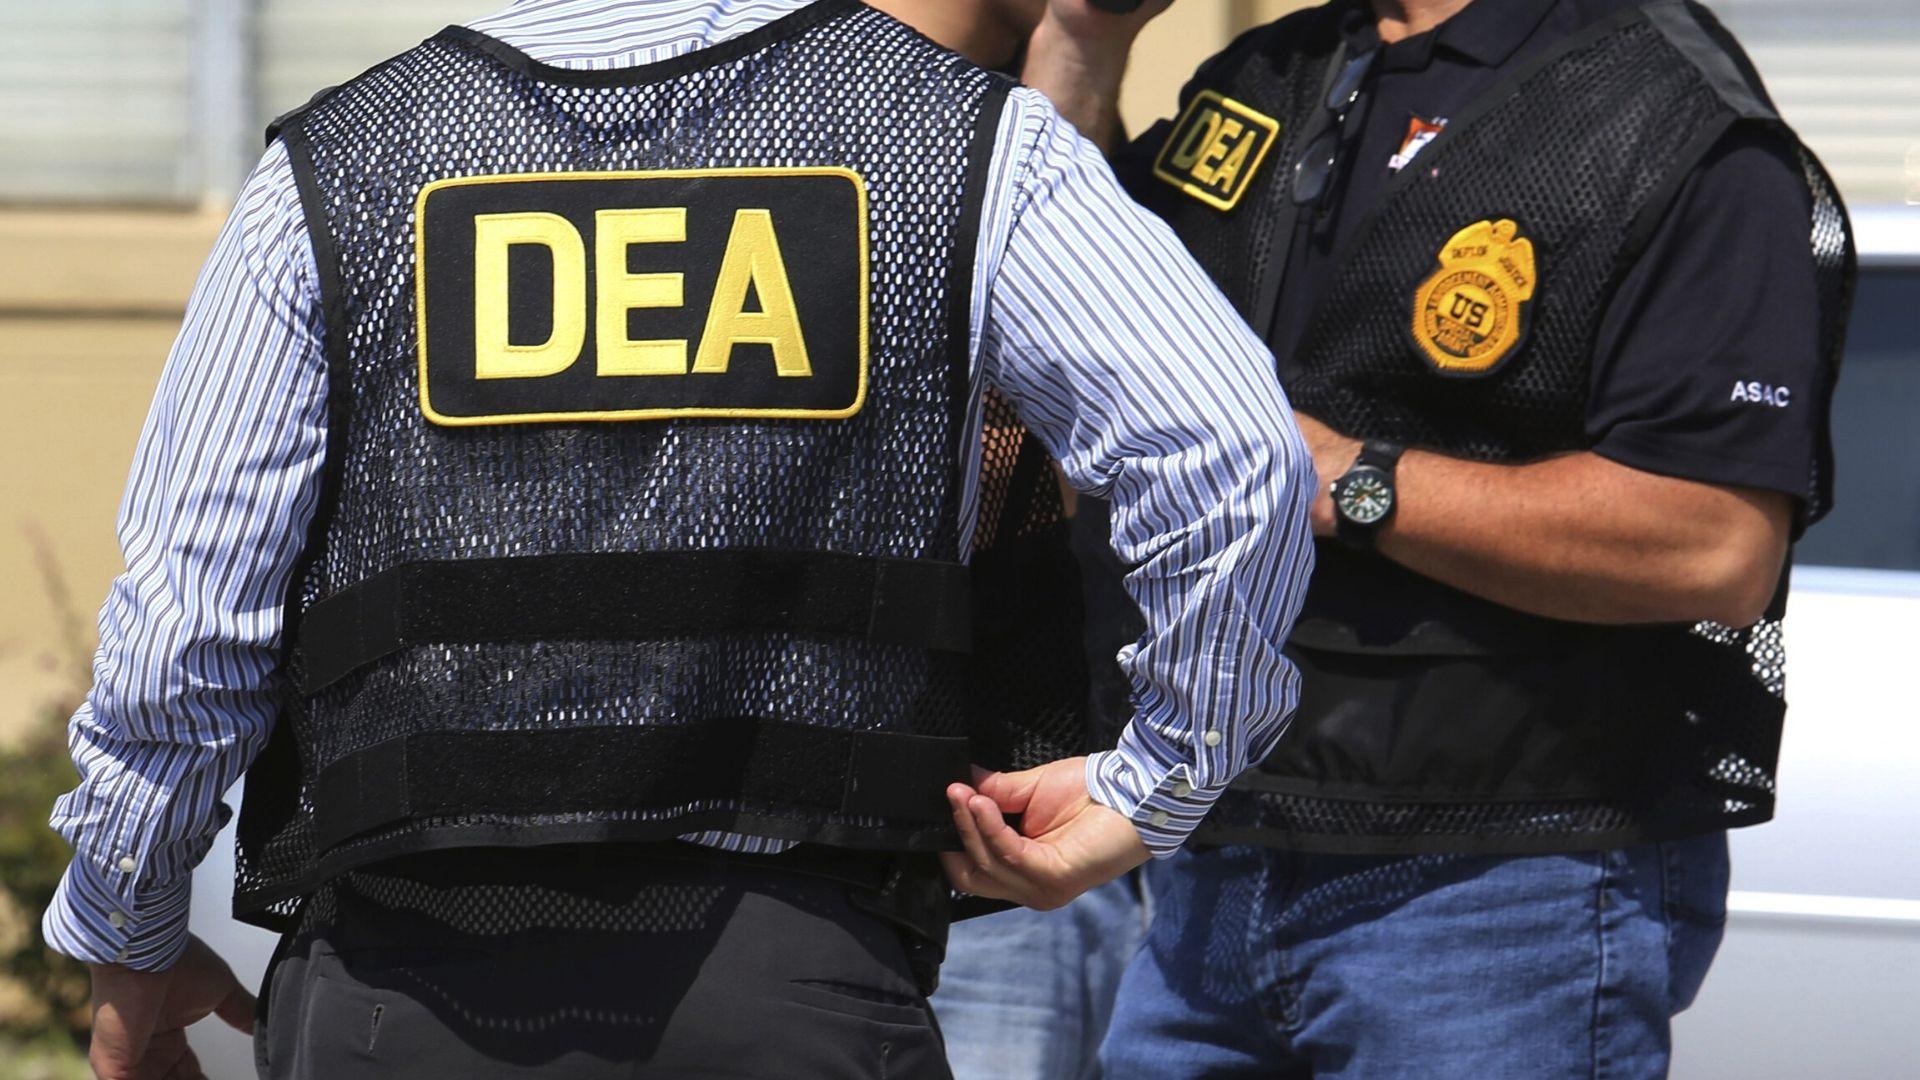 La DEA negó su implicación en la supuesta incursión en Macuto